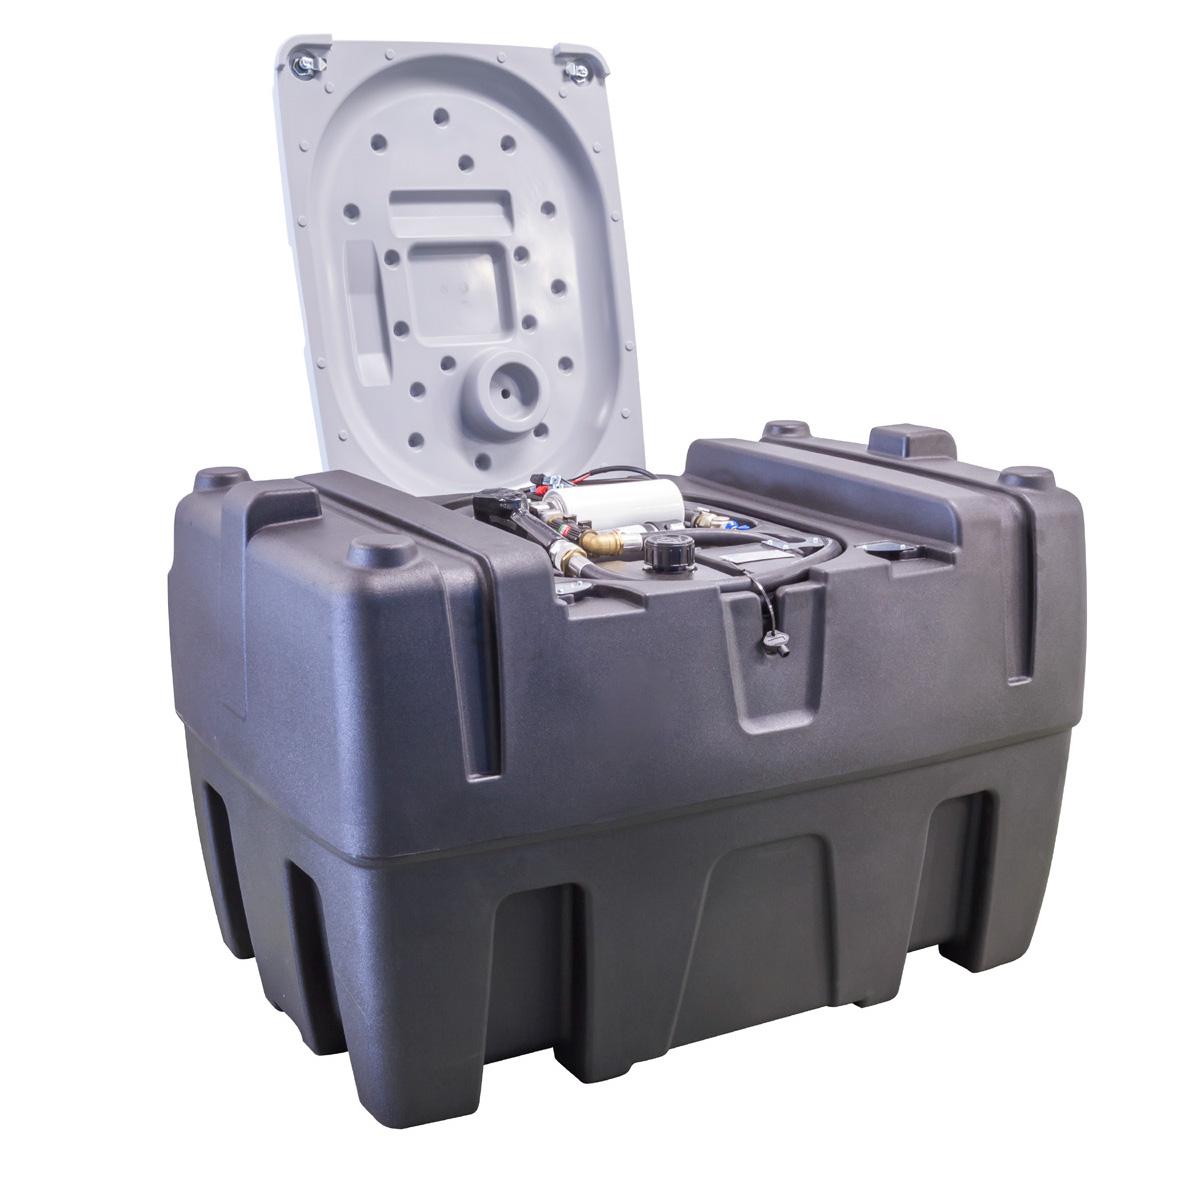 Citerne de ravitaillement GNR 440 litres, TECH TANK ECO